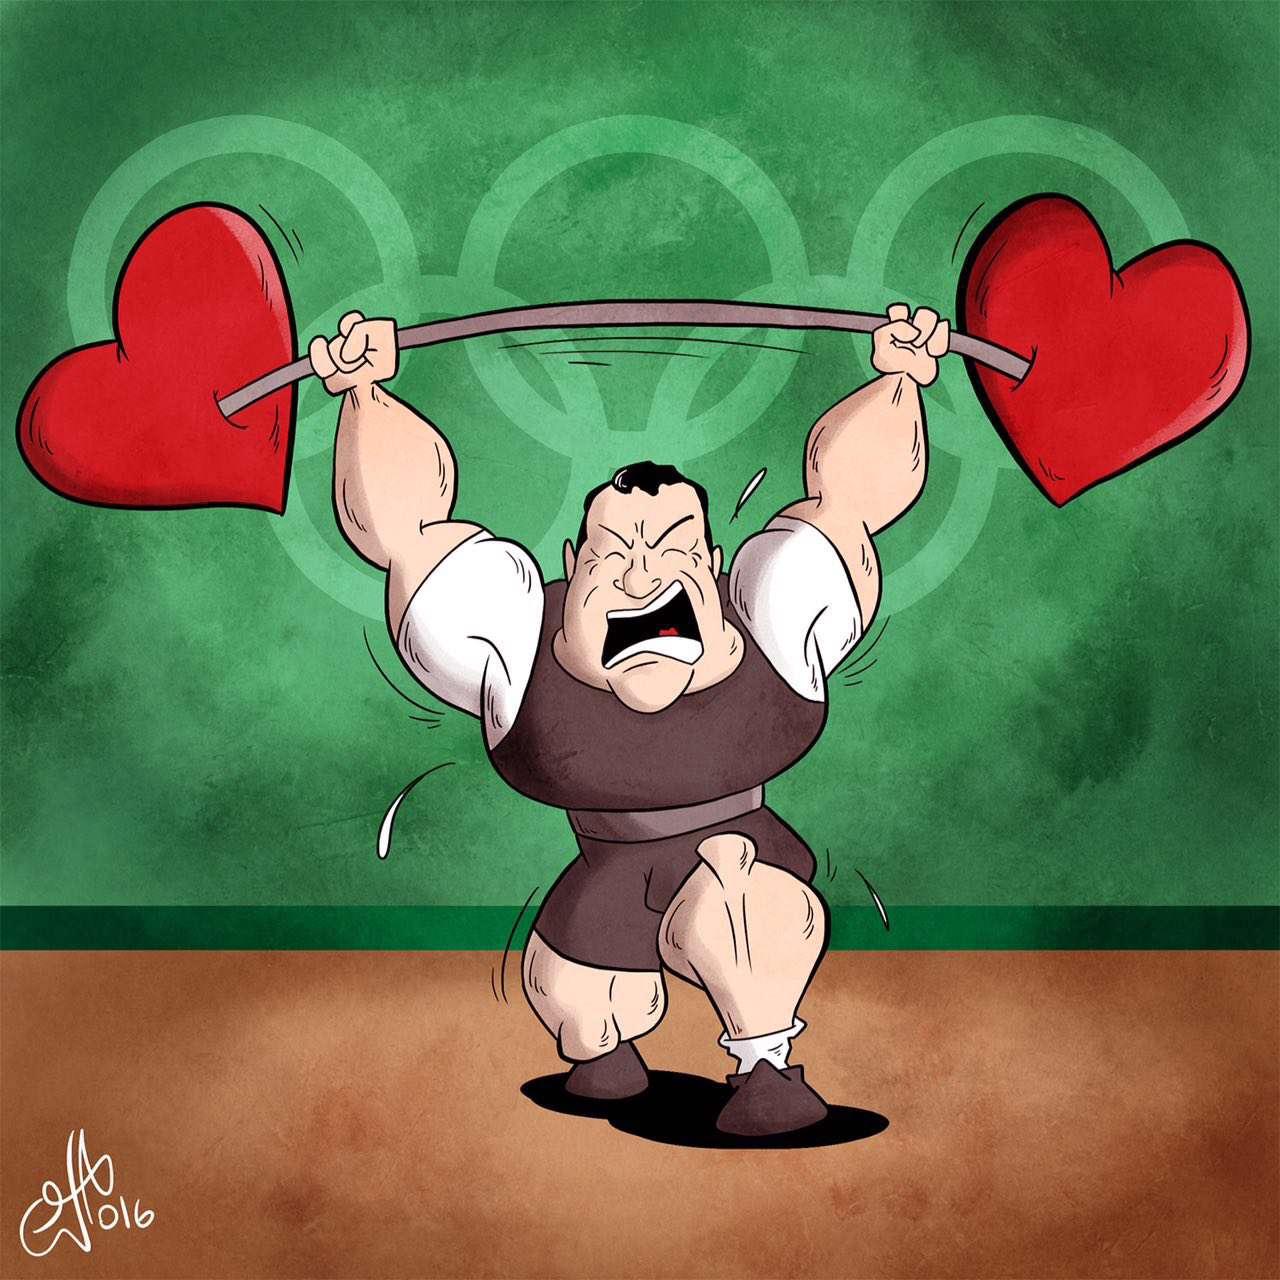 چیزی که بالای سرت بردی ۲۴۵ کیلوگرم فولاد نبود،  ۸۰ ميليون قلب بود!